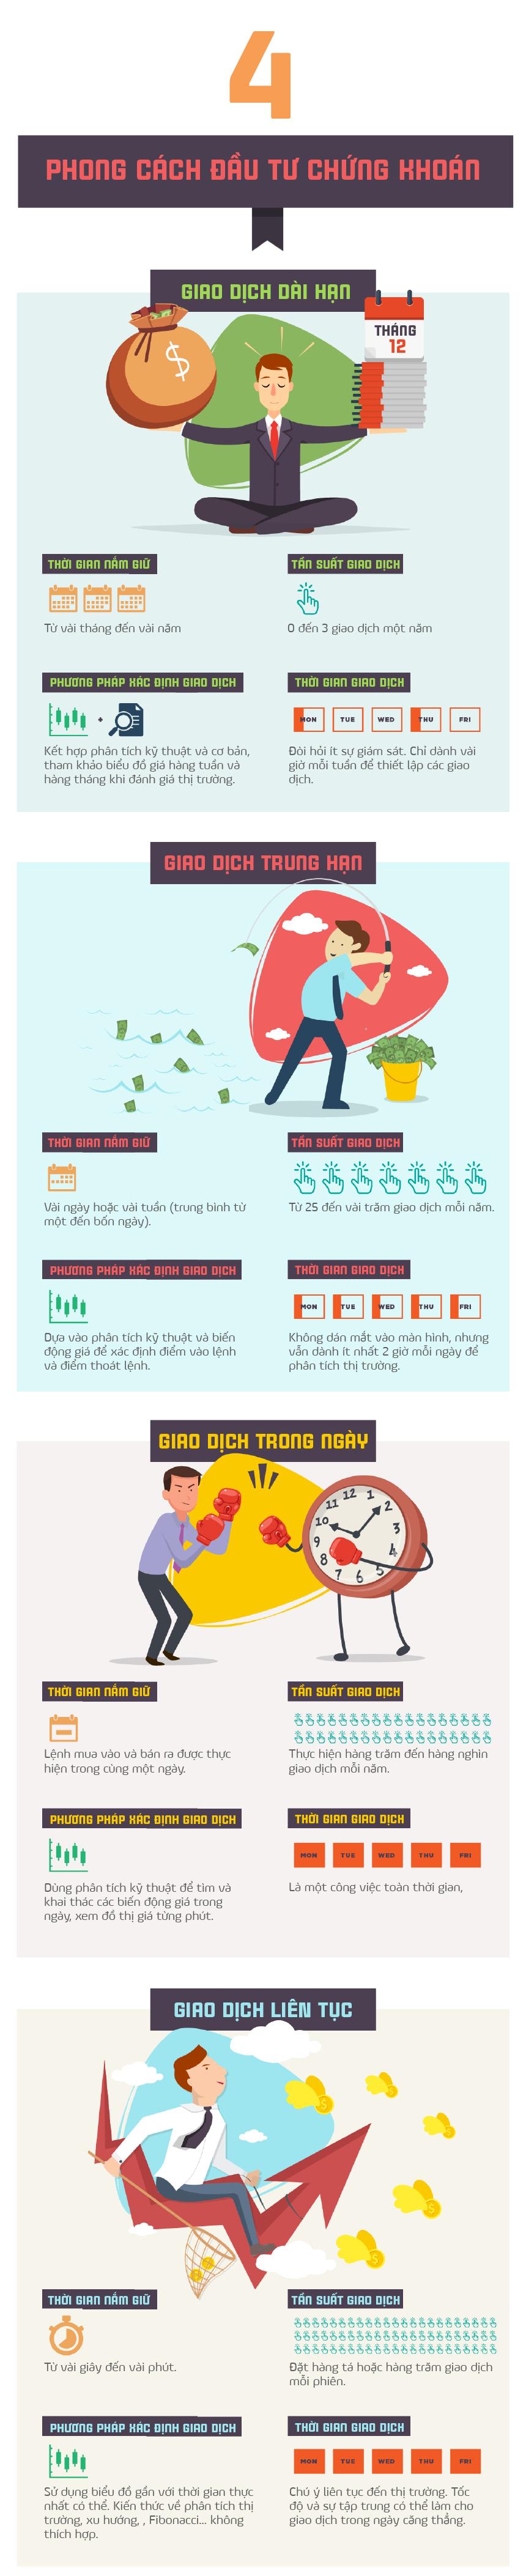 4 phong cách đầu tư chứng khoán trên thế giới